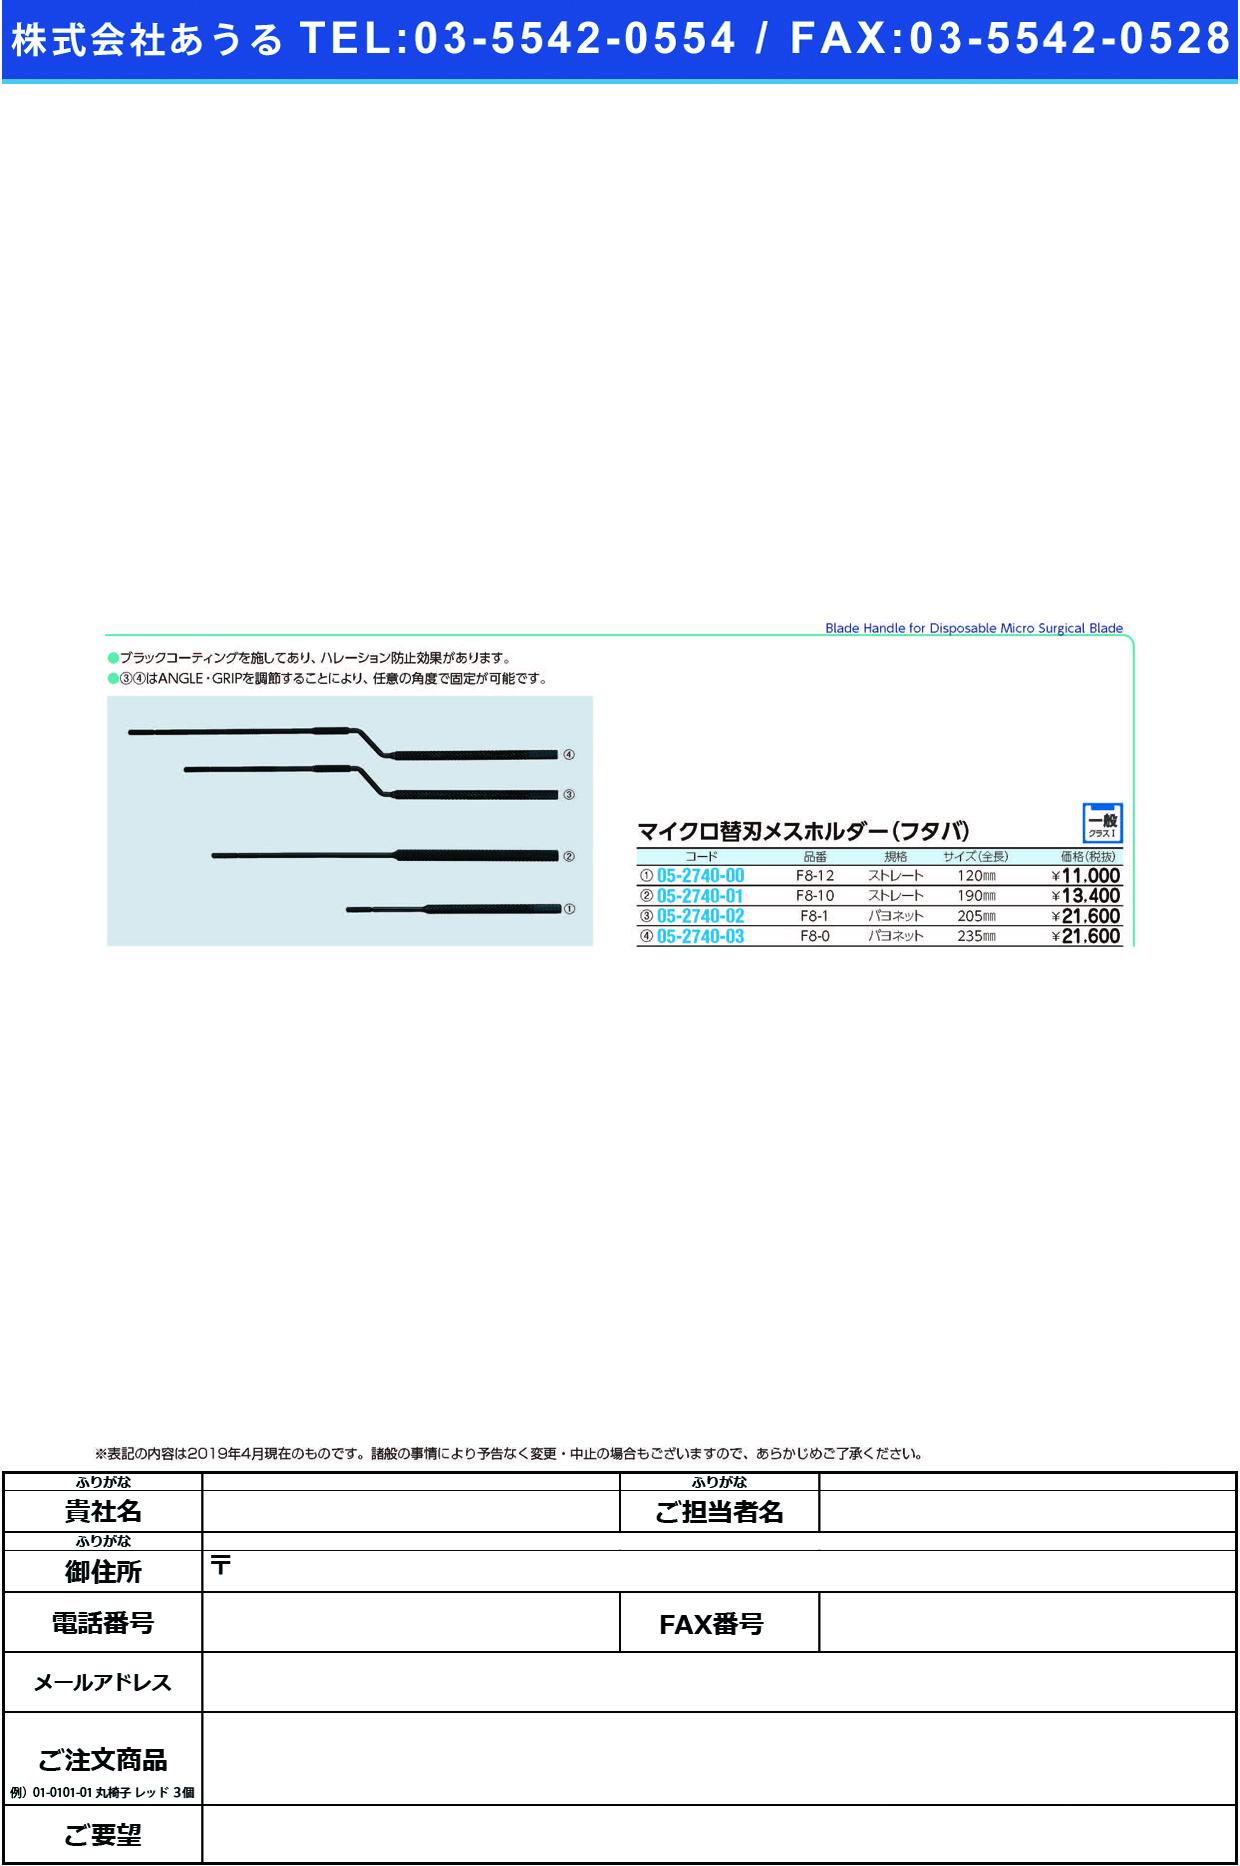 (05-2740-00)マイクロ替刃ホルダー(フタバ) F8-12ガタ マイクロカエバホルダー(フタバ)【1本単位】【2019年カタログ商品】